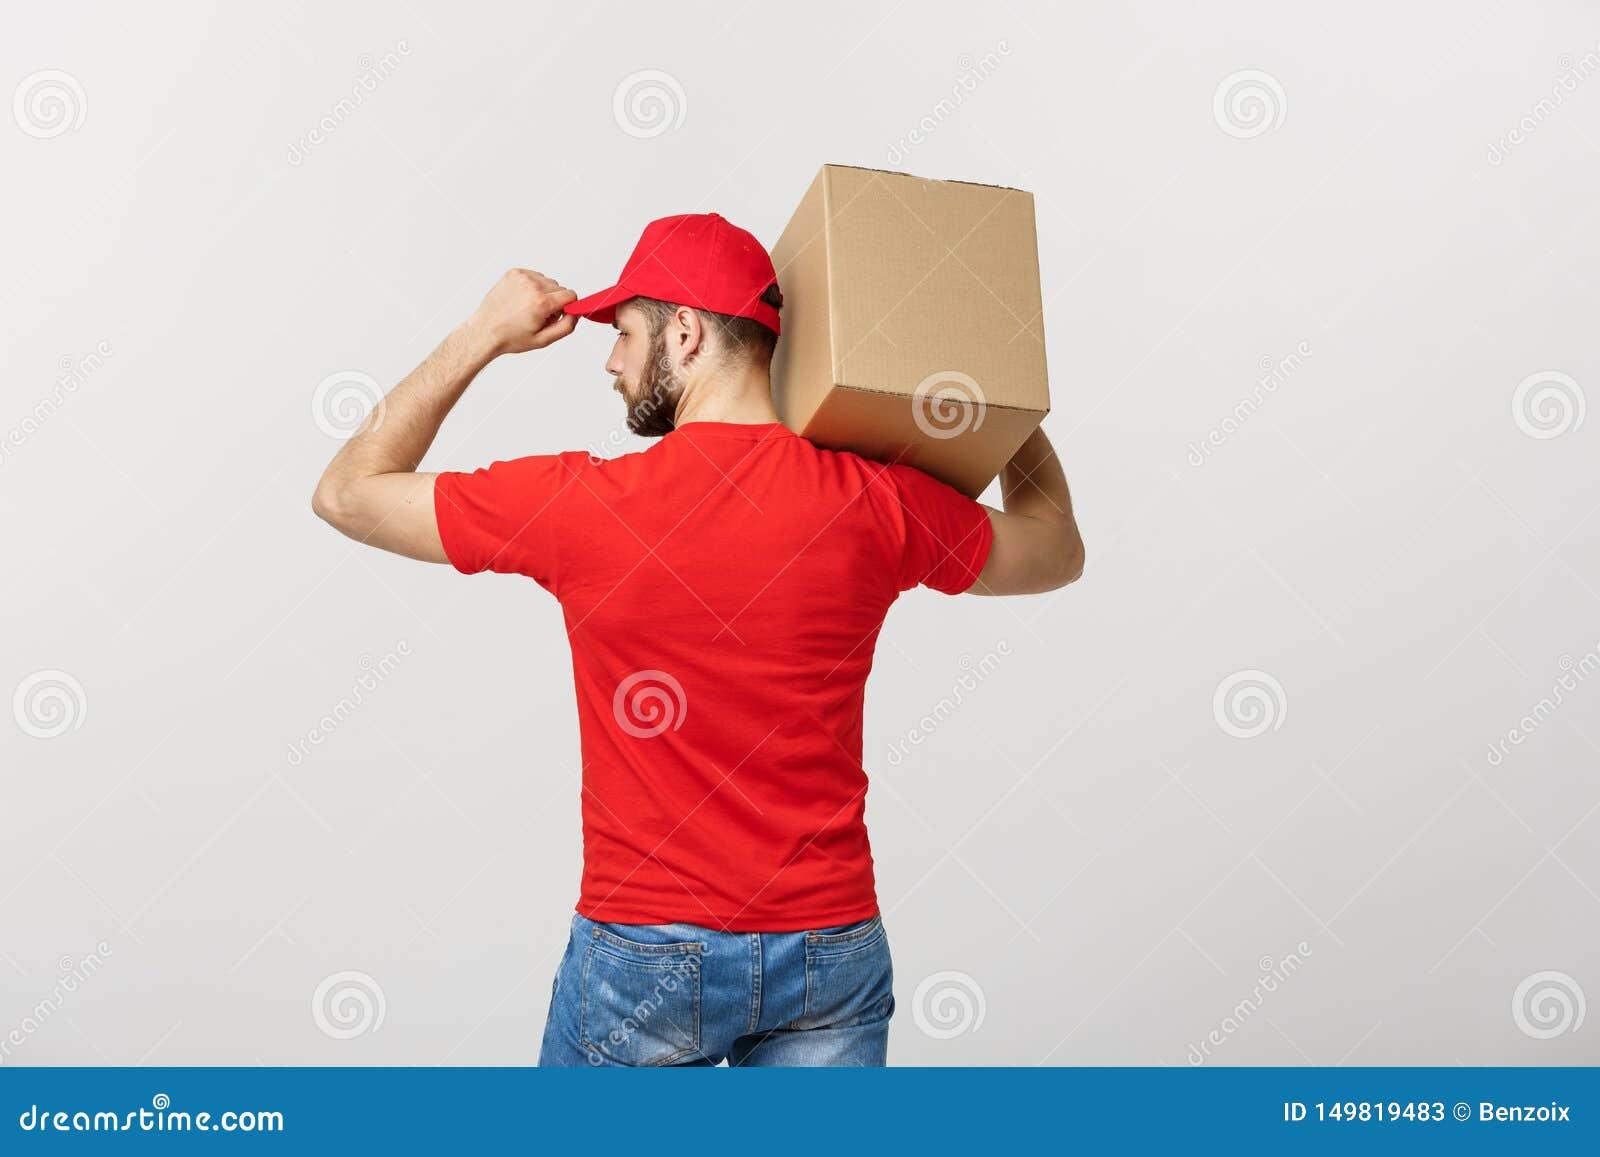 Hombre de entrega del retrato en casquillo con el funcionamiento rojo de la camiseta como el mensajero o distribuidor autorizado